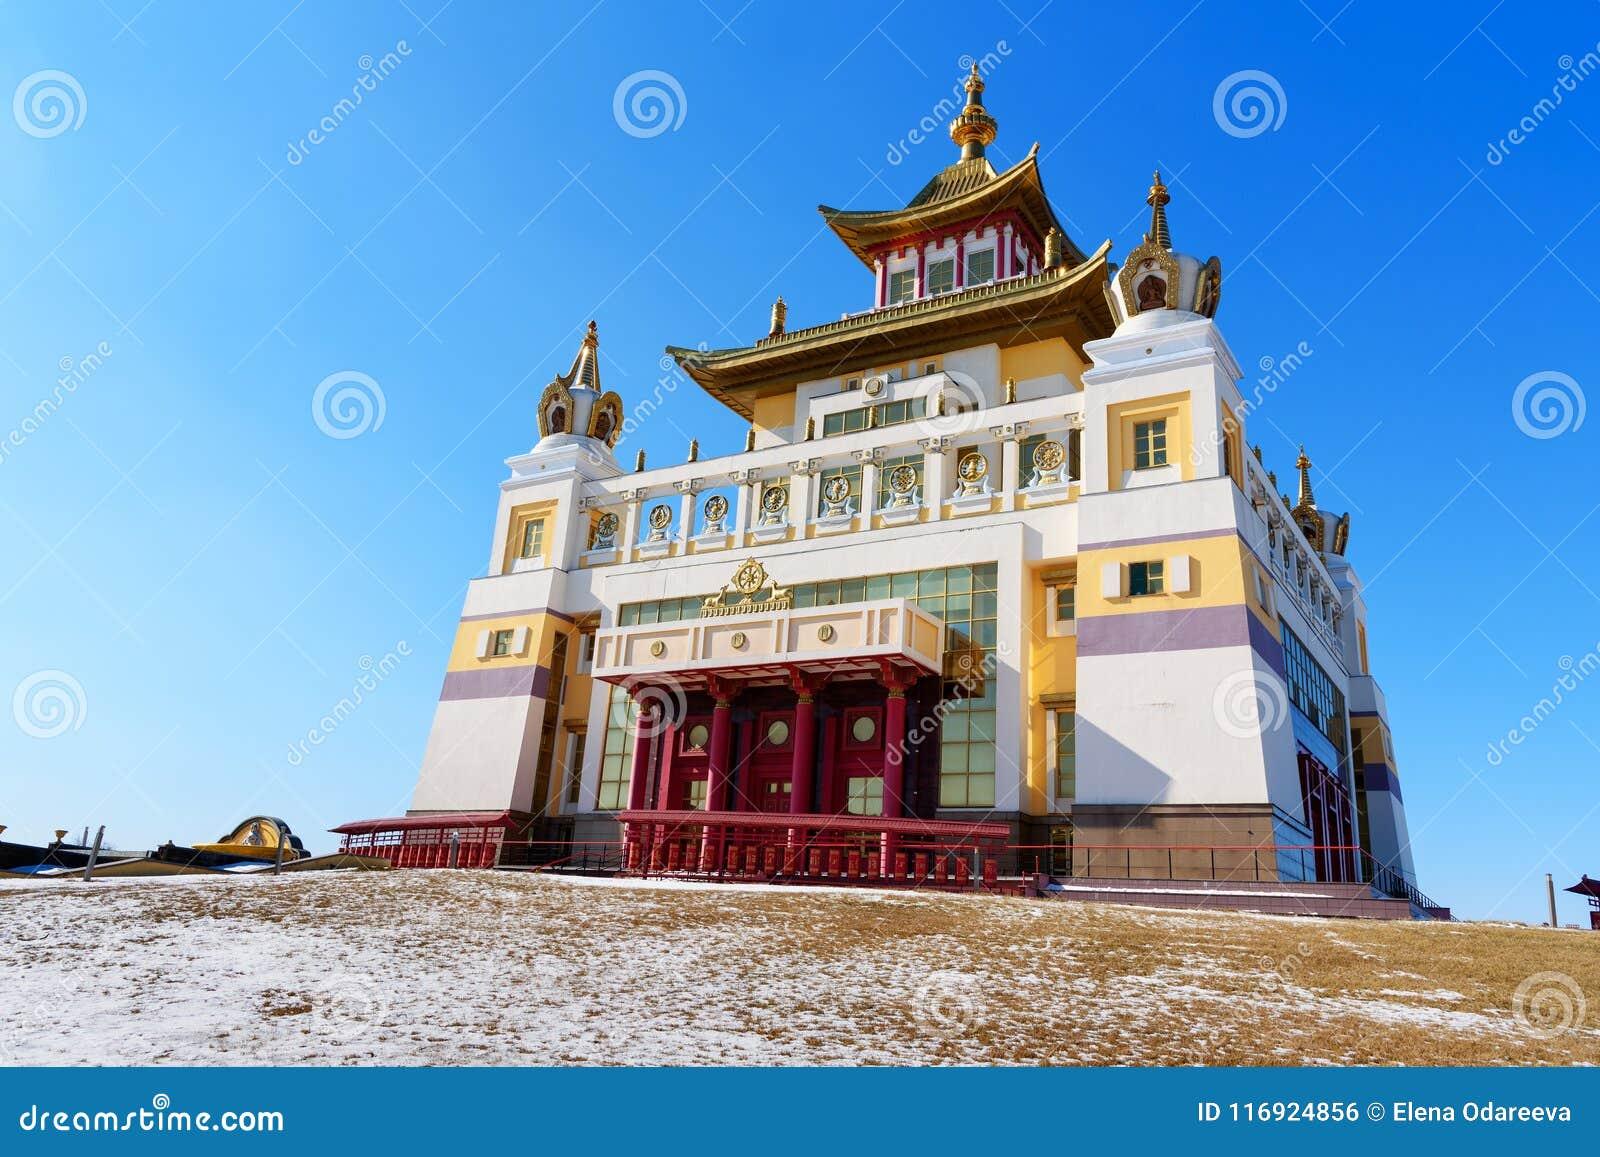 Domicilio de oro complejo budista de Buda Shakyamuni en primavera Elista Rusia